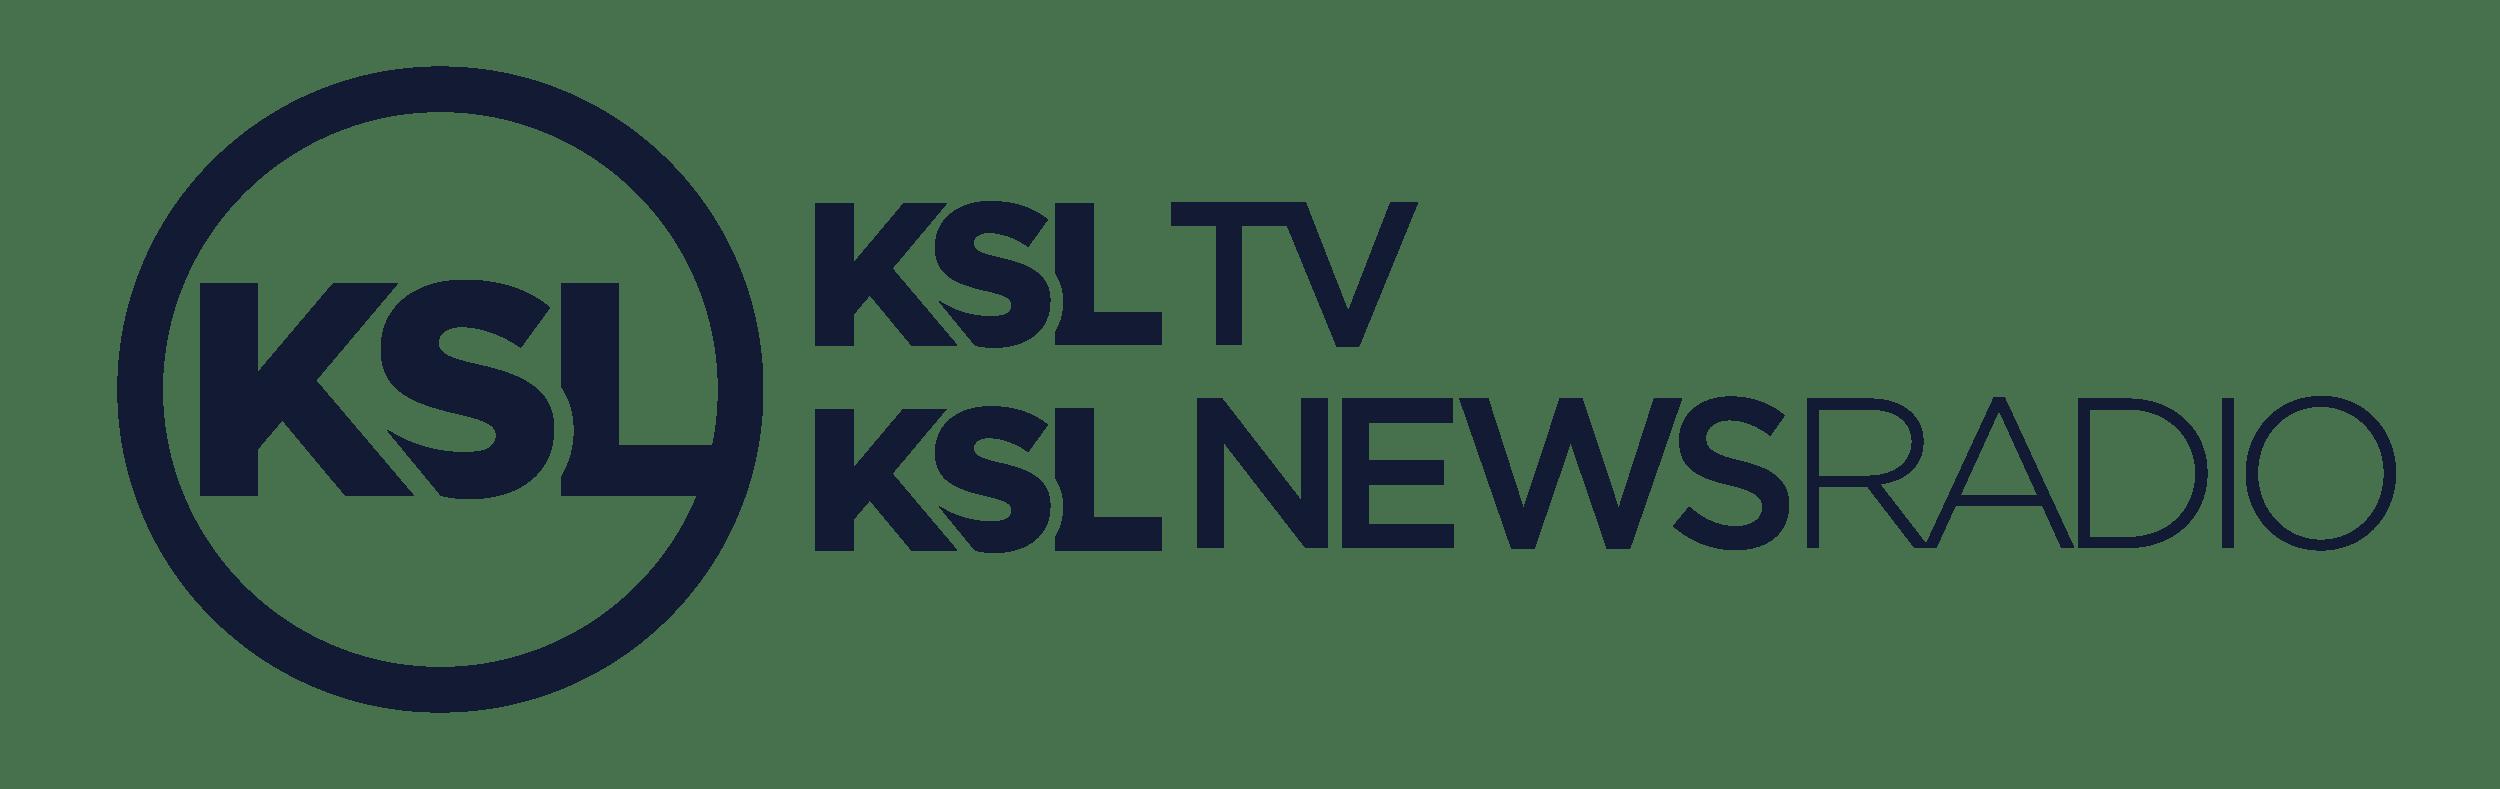 KSL-TV-NR-dark-blue